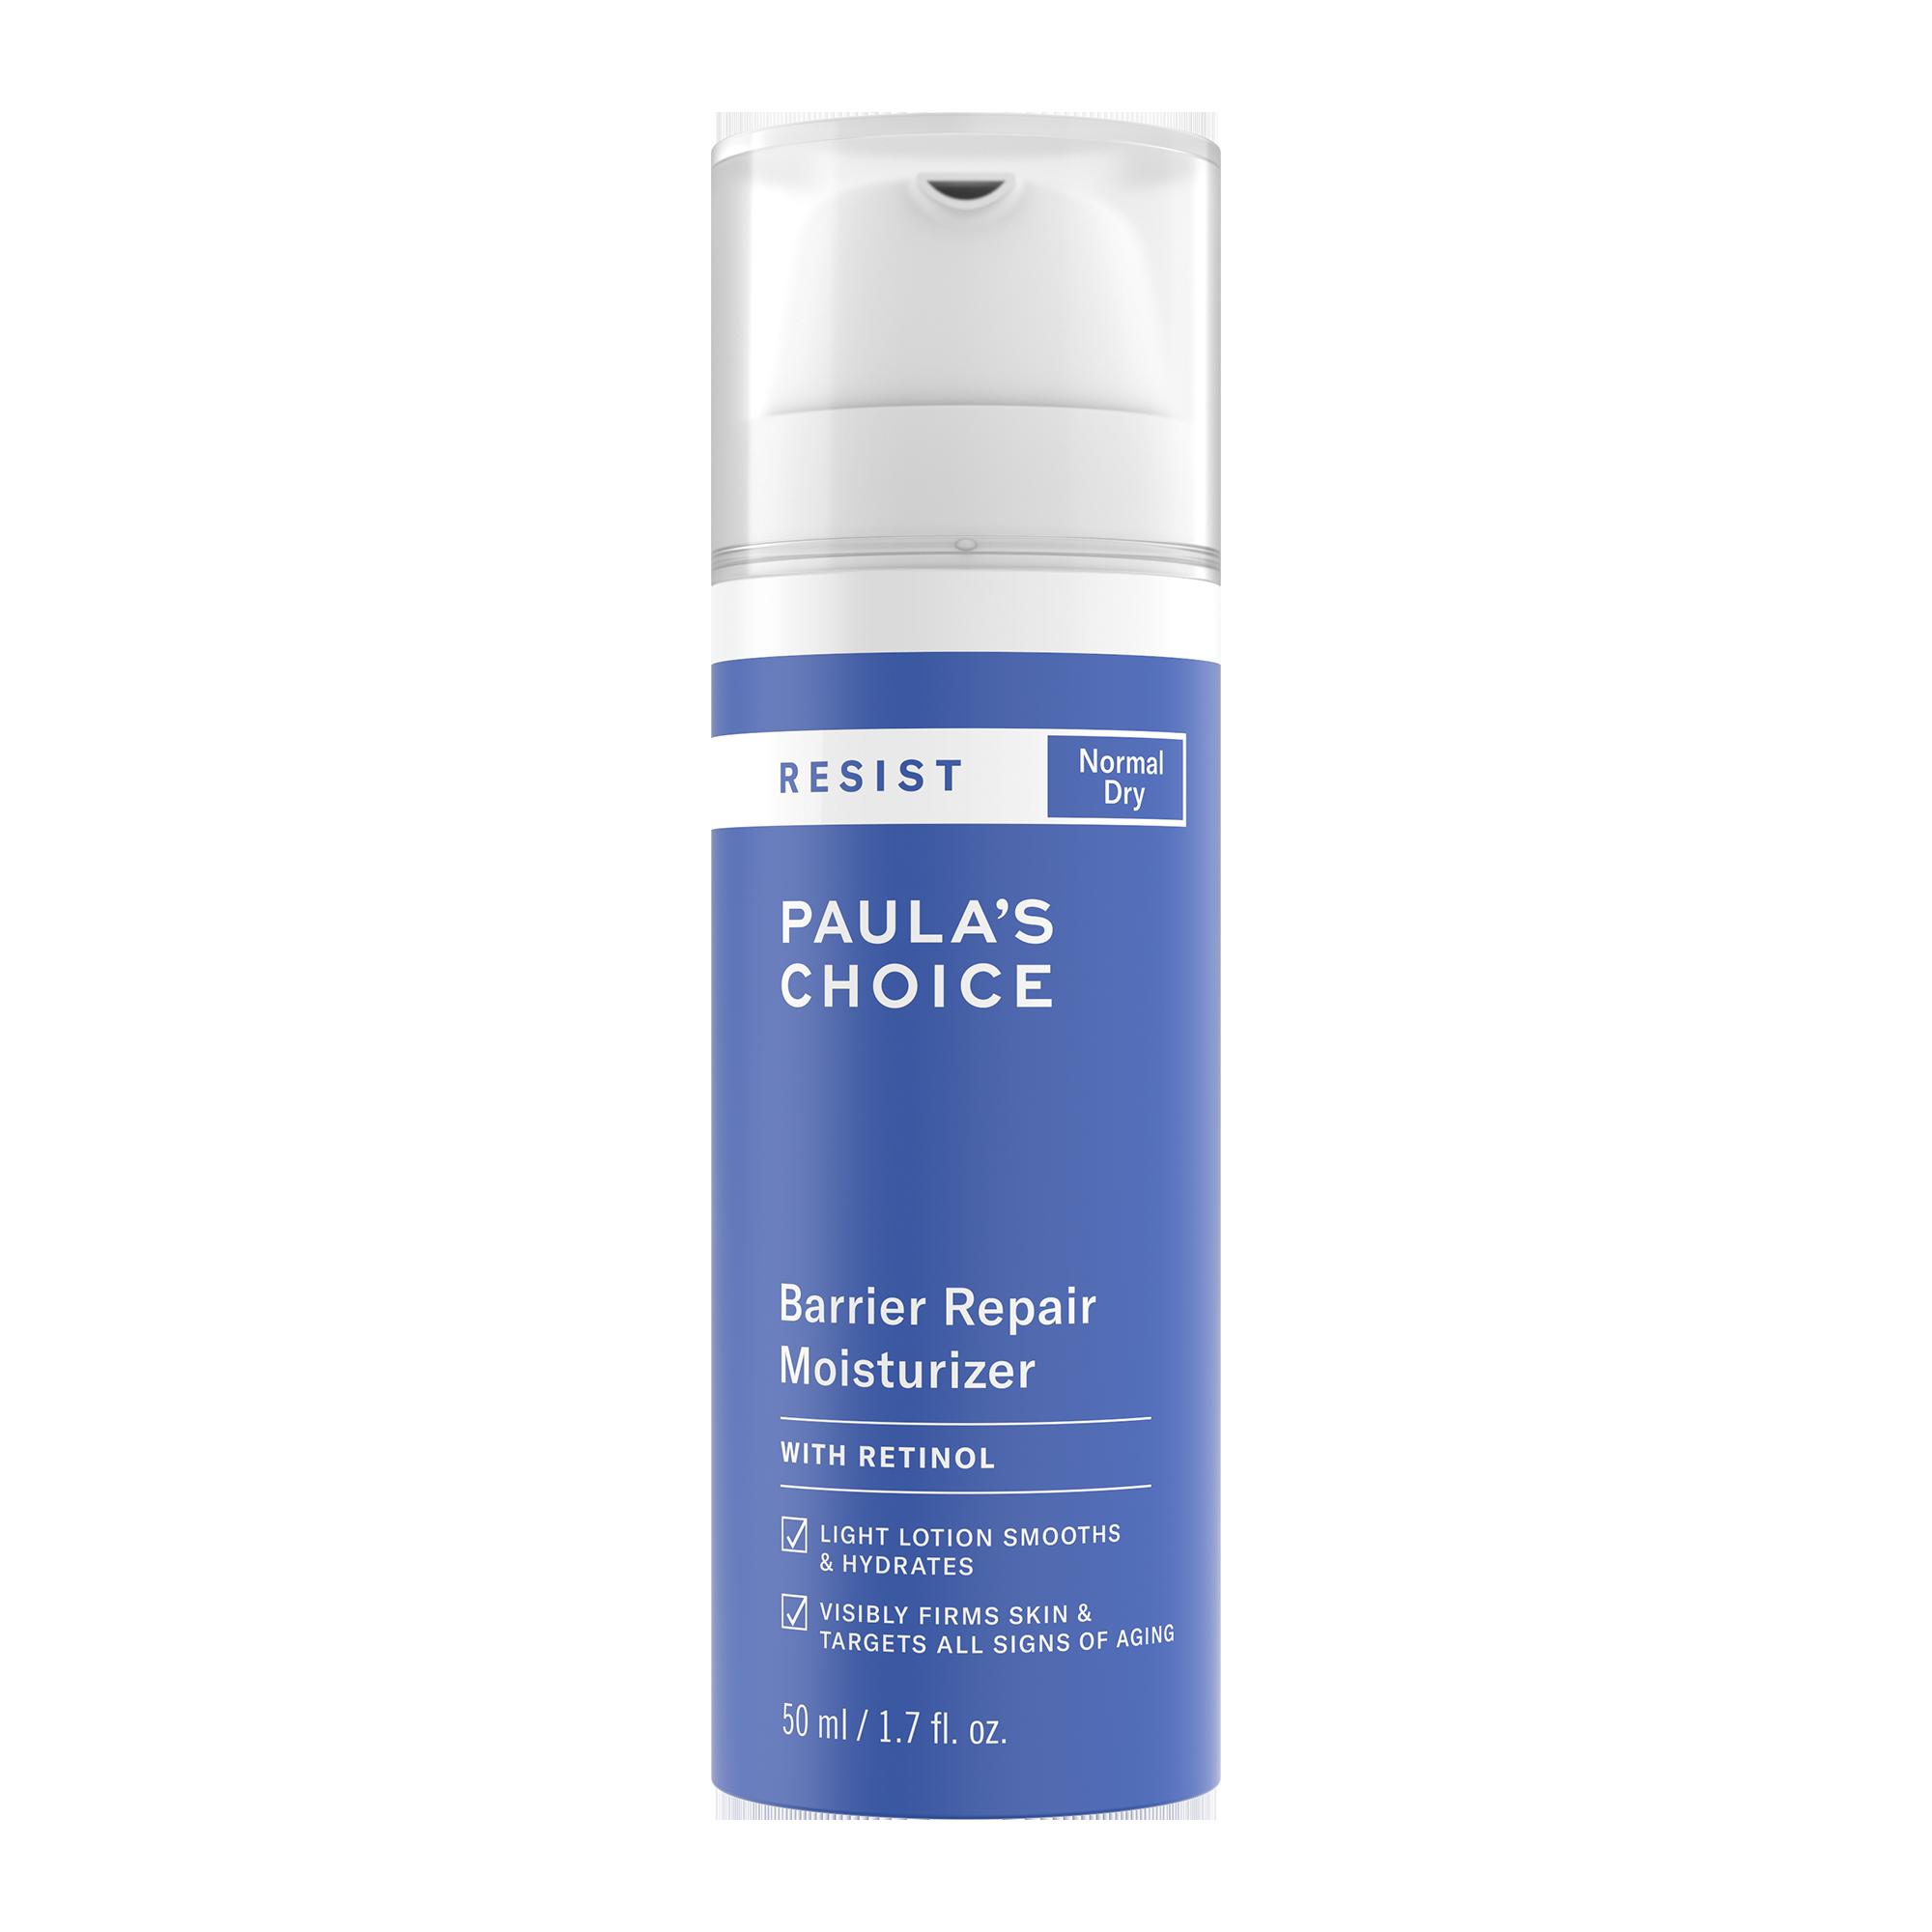 Retinol amounts in moisturizers - Images Resist Barrier Repair Moisturizer With Retinol